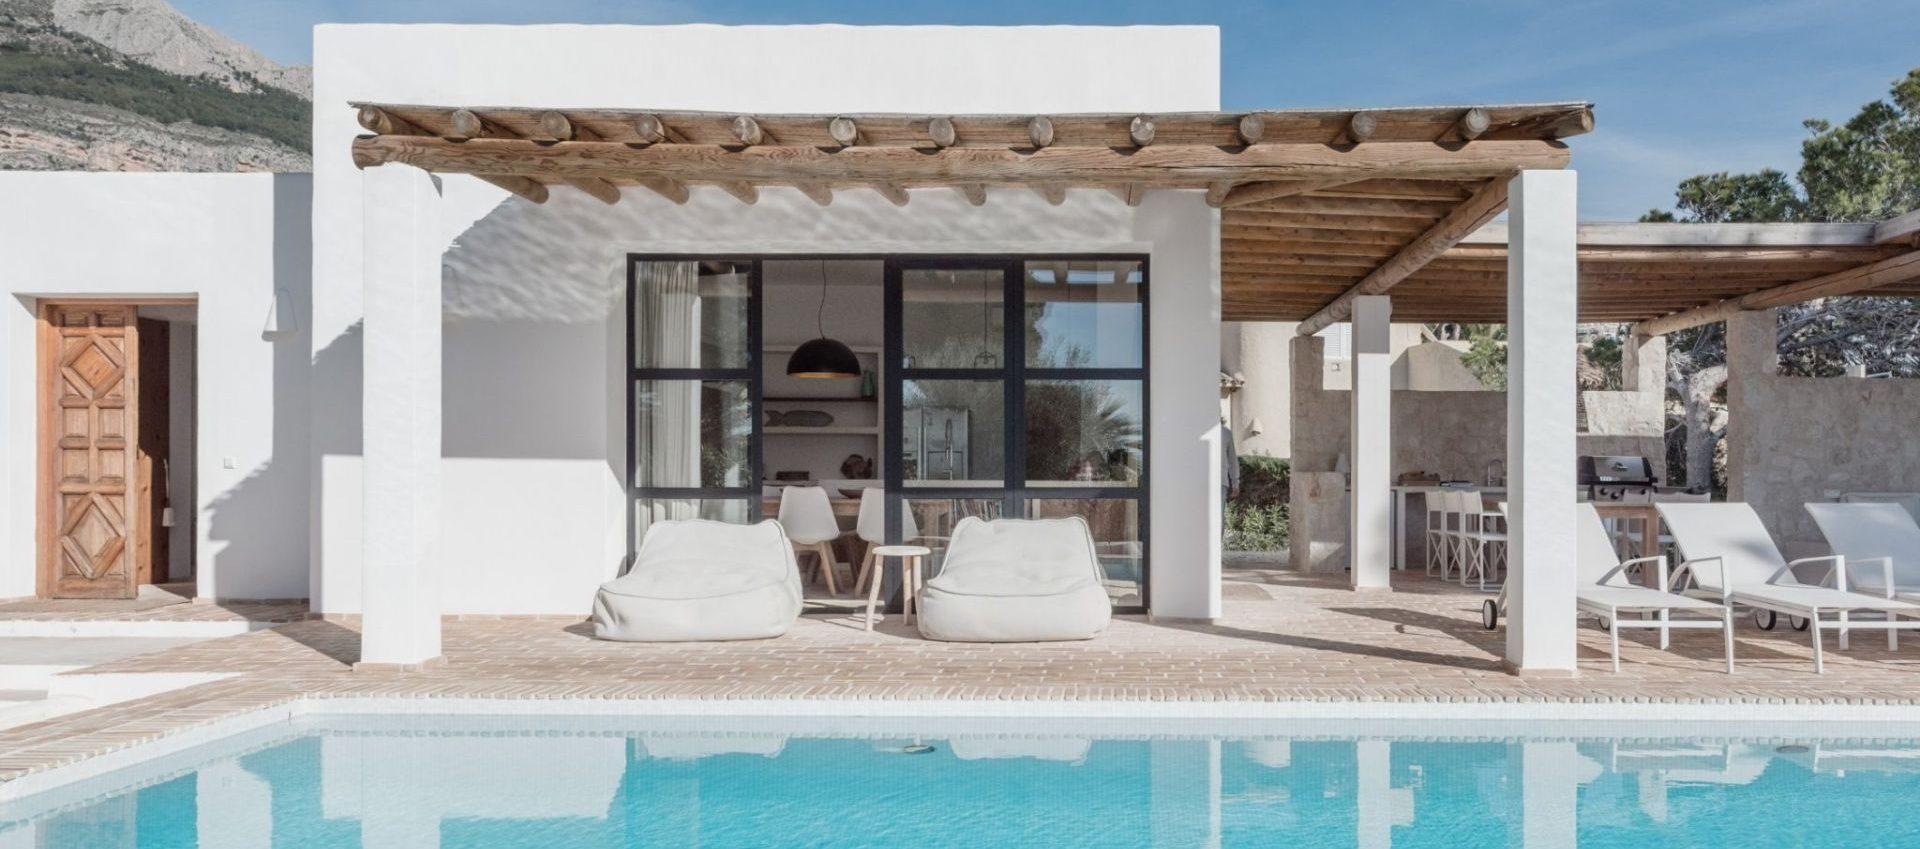 Se vende villa de estilo ibicenco con piscina en un lugar exclusivo de Altea